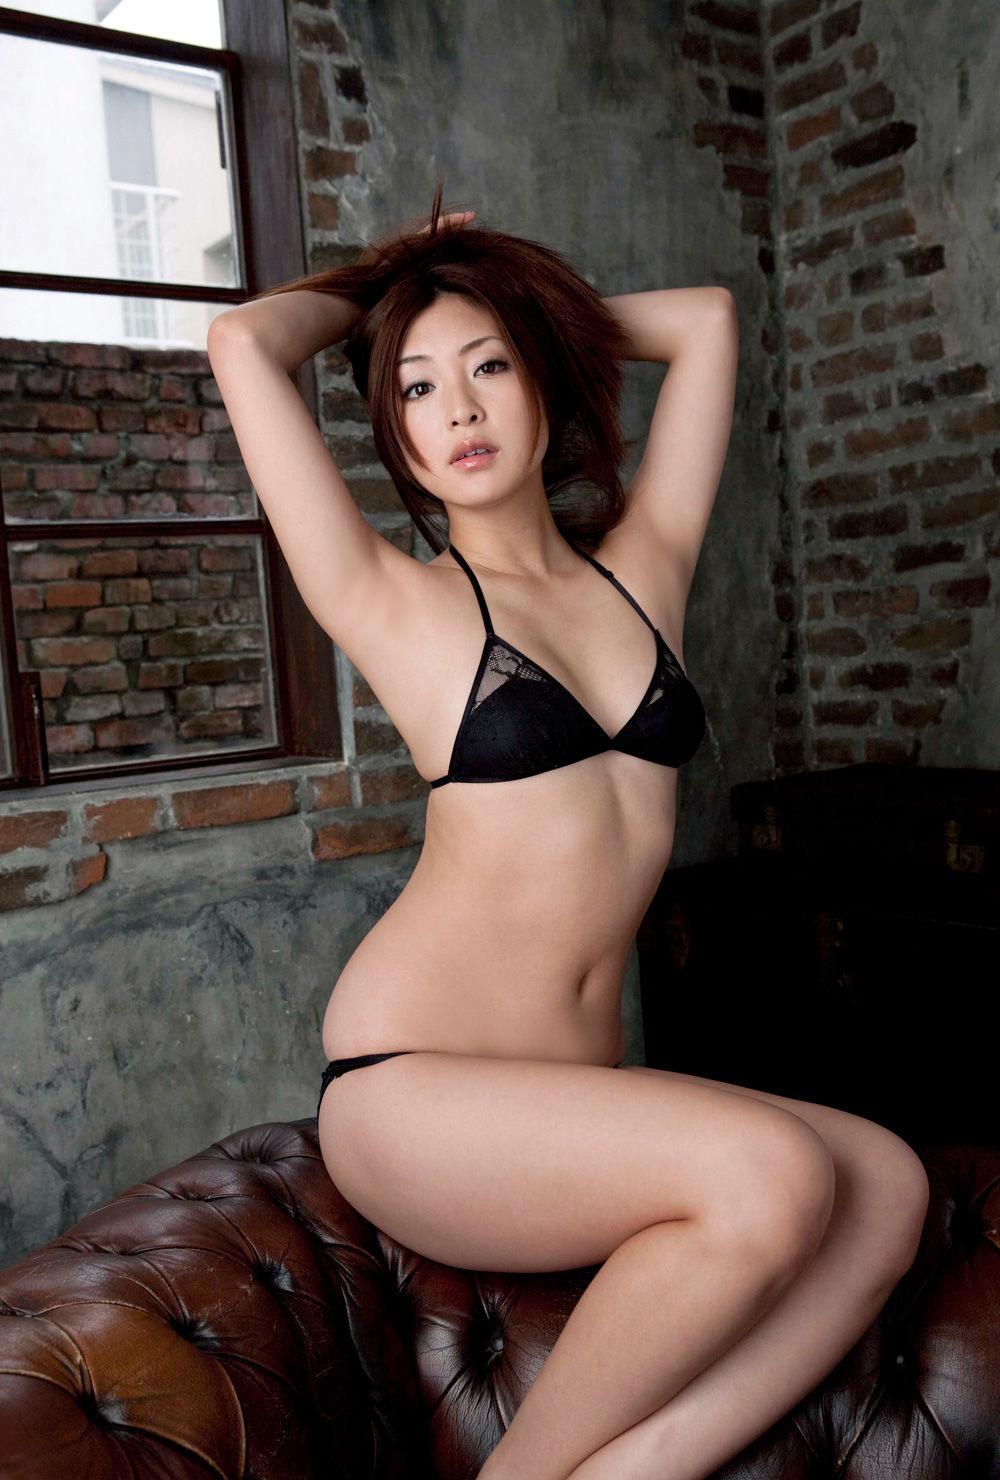 辰巳奈都子 画像 掲示板 85